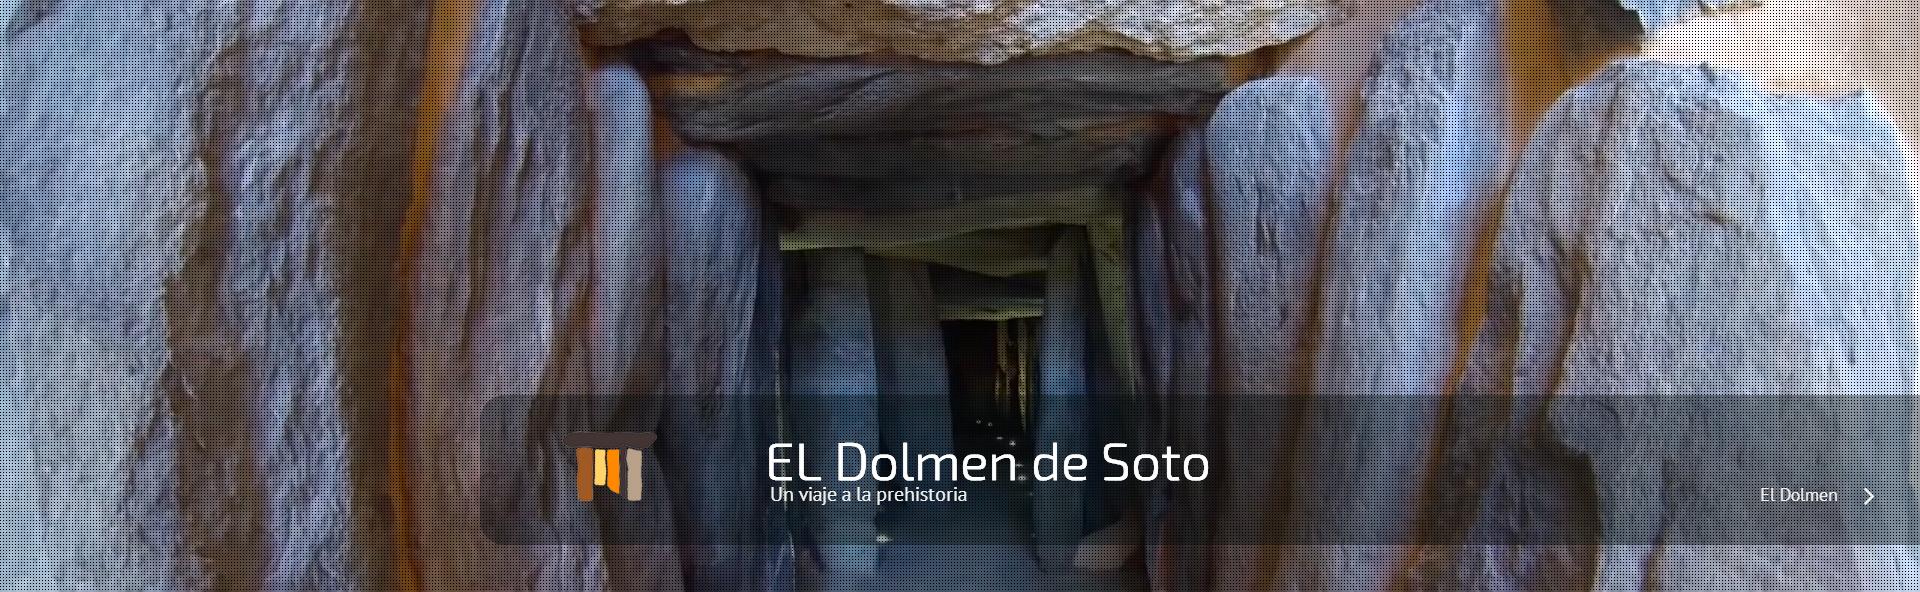 Uno de los monumentos megalíticos de mayor riqueza